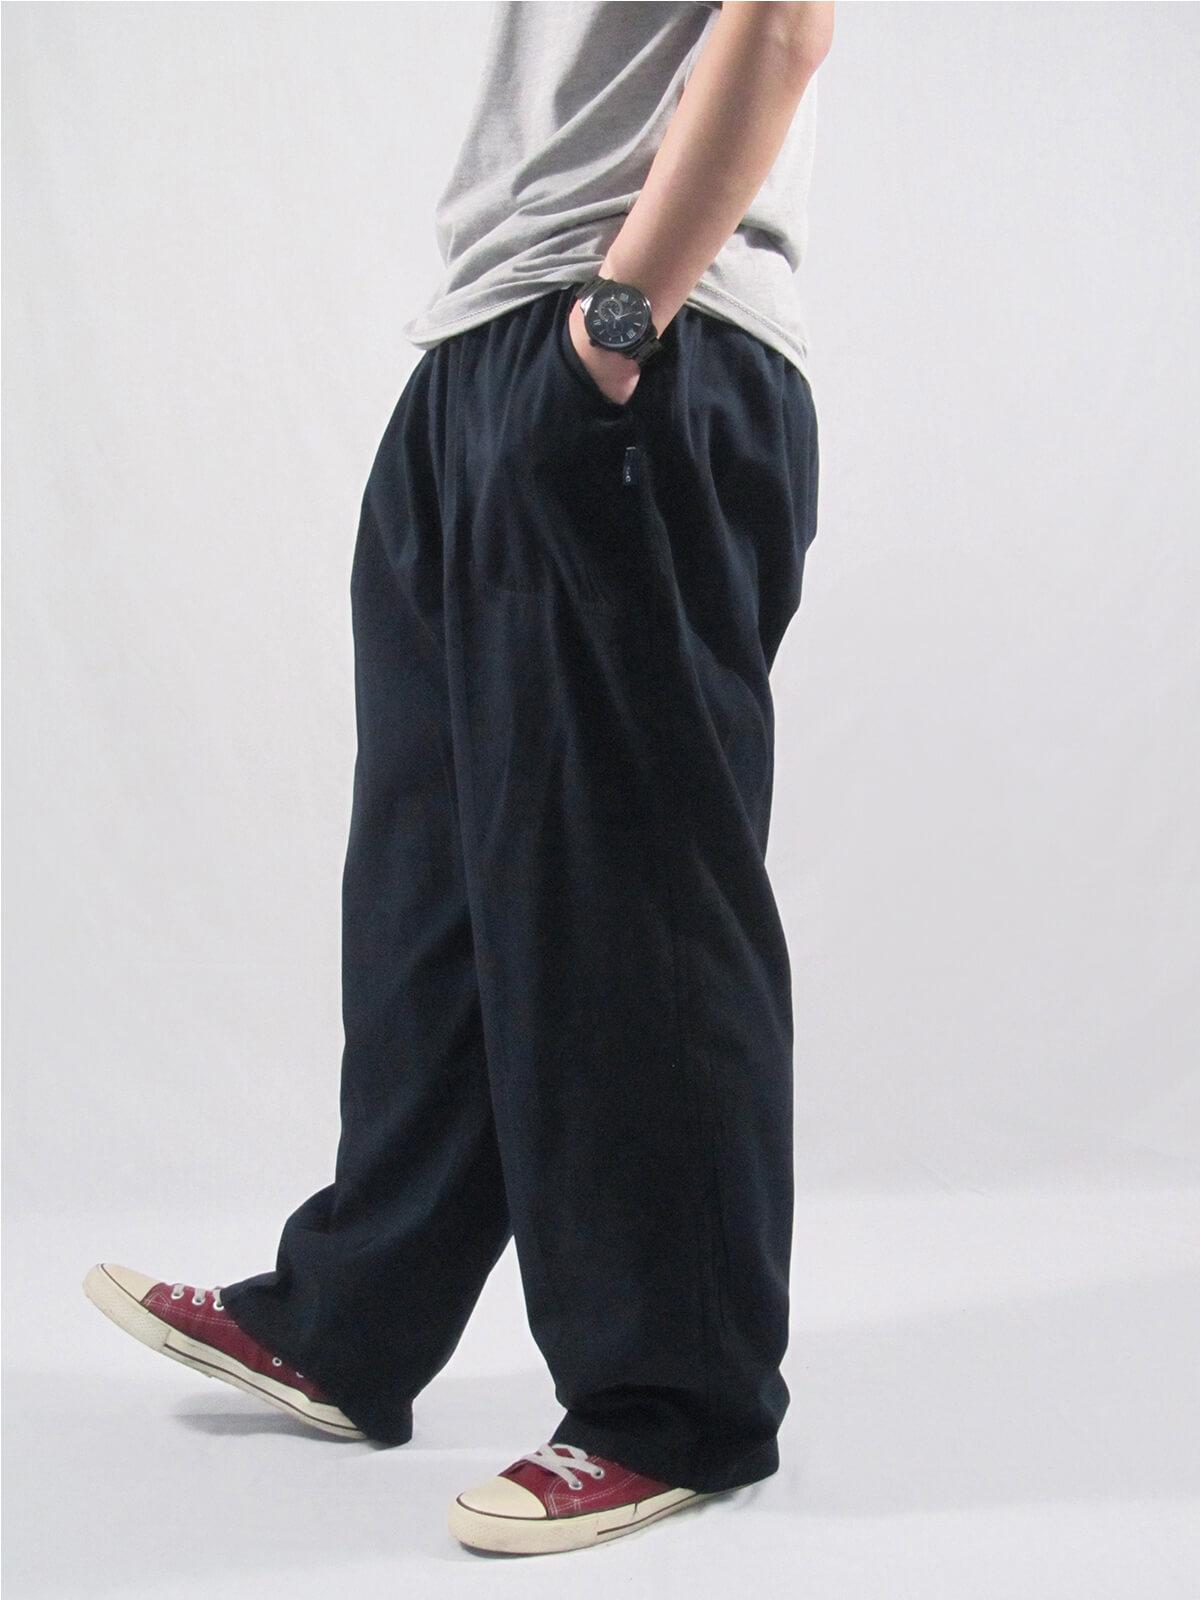 加大尺碼手染酵素洗休閒褲 台灣製休閒長褲 棉100%大尺寸長褲 棉質長褲 黑色長褲 BIG&TALL PANTS (020-0218-08)深藍色、(020-0218-11)軍綠色、(020-0218-16)卡其色、(020-0218-21)黑色、(020-0218-22)灰色 尺寸3L 5L(腰圍:36~50英吋) [實體店面保障] sun-e 4